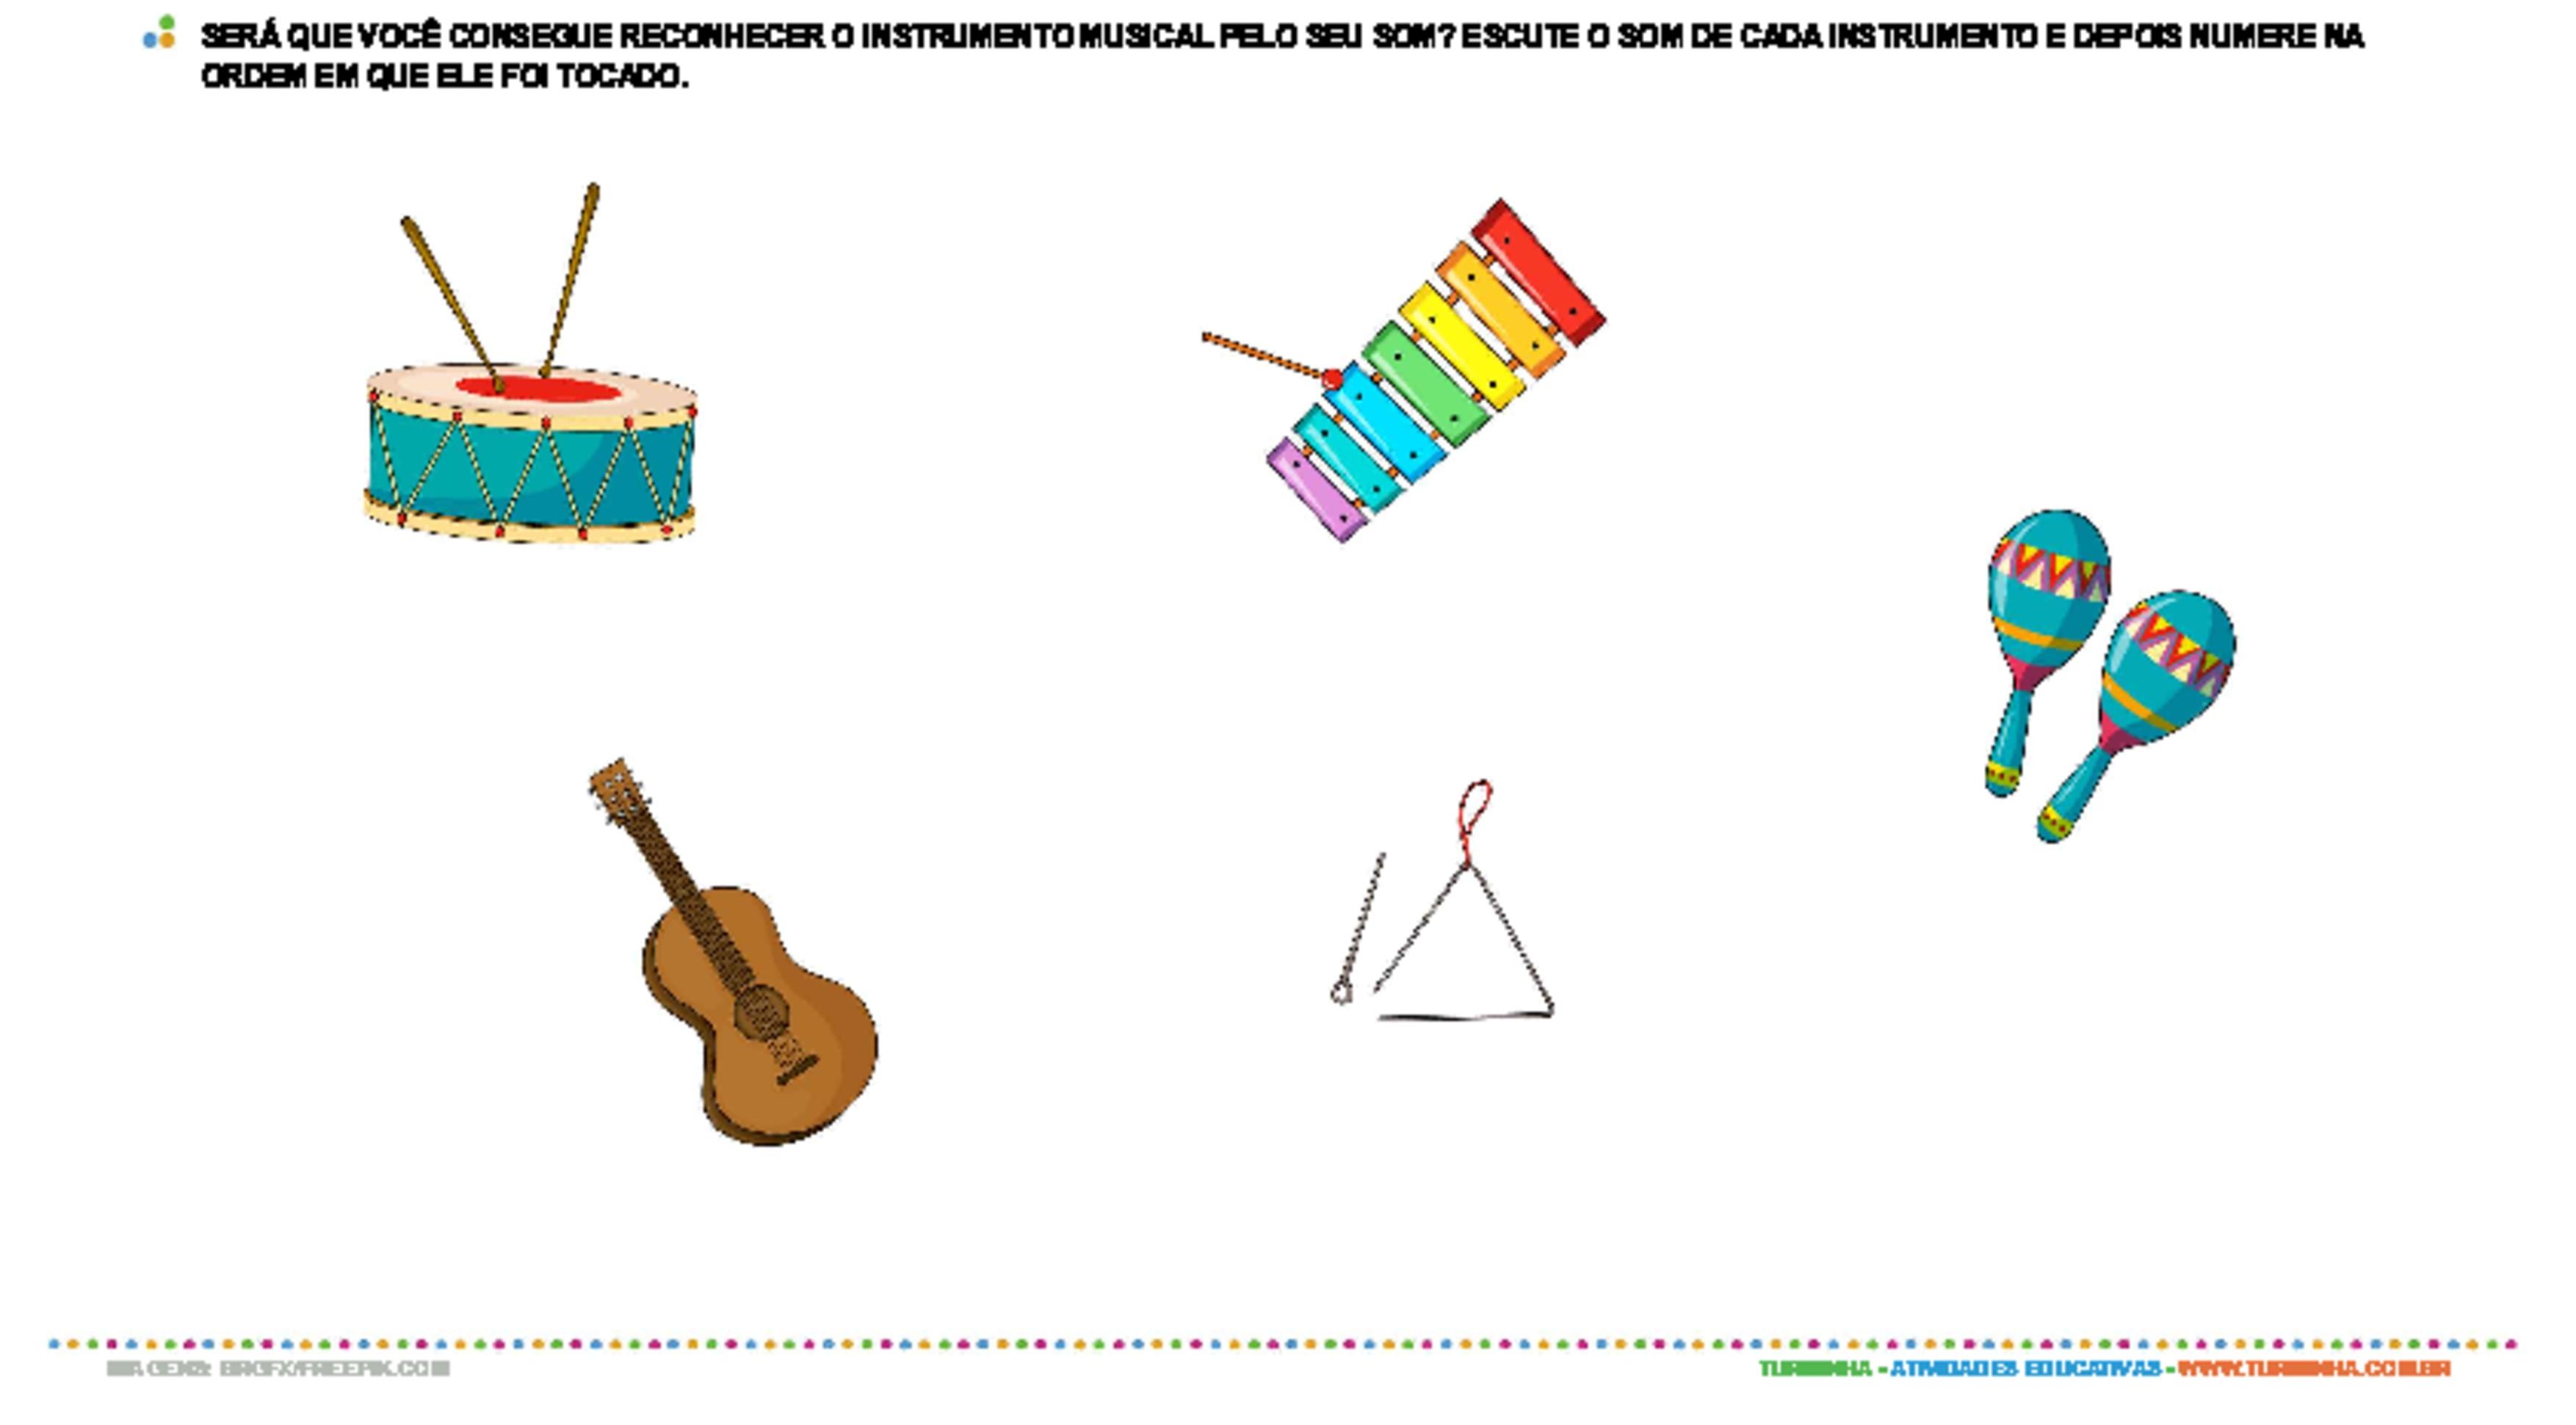 Explorando sons com instrumentos musicais - atividade educativa para Pré-Escola (4 e 5 anos)